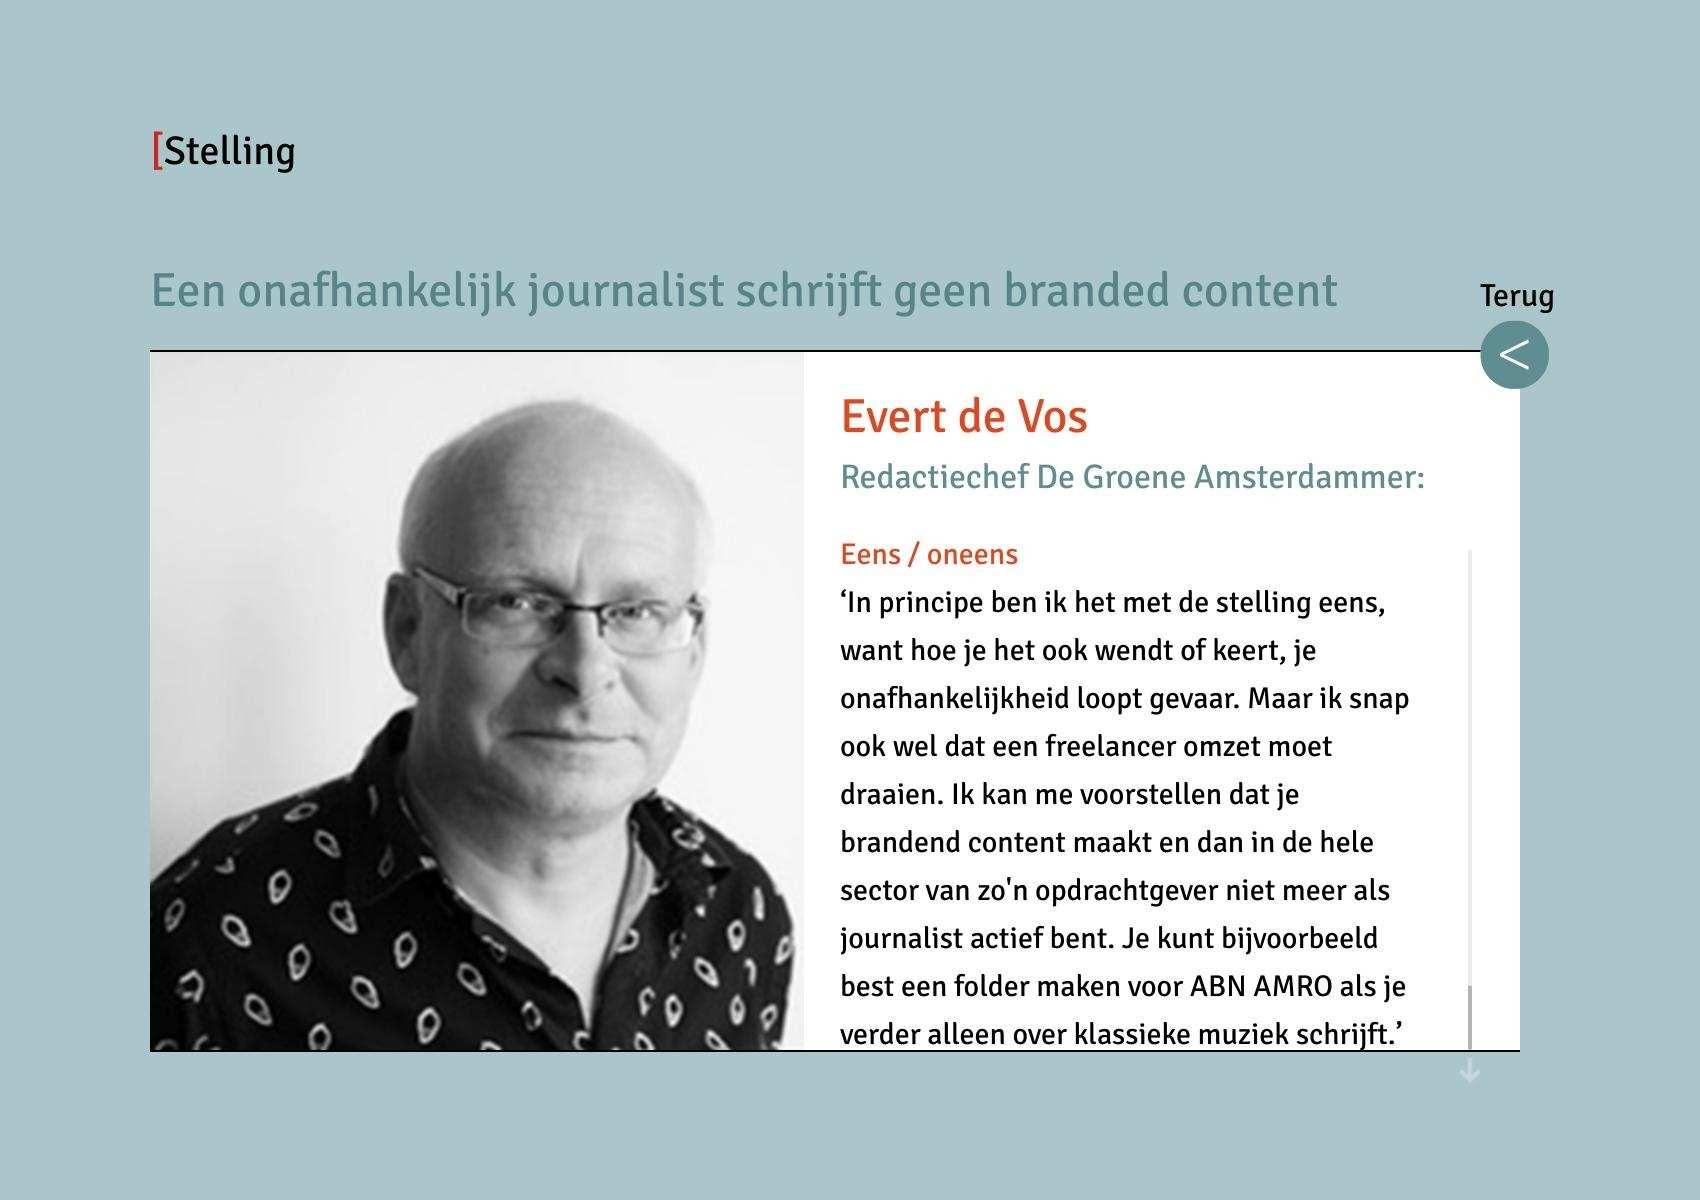 De Redactie Stelling Evert De Vos